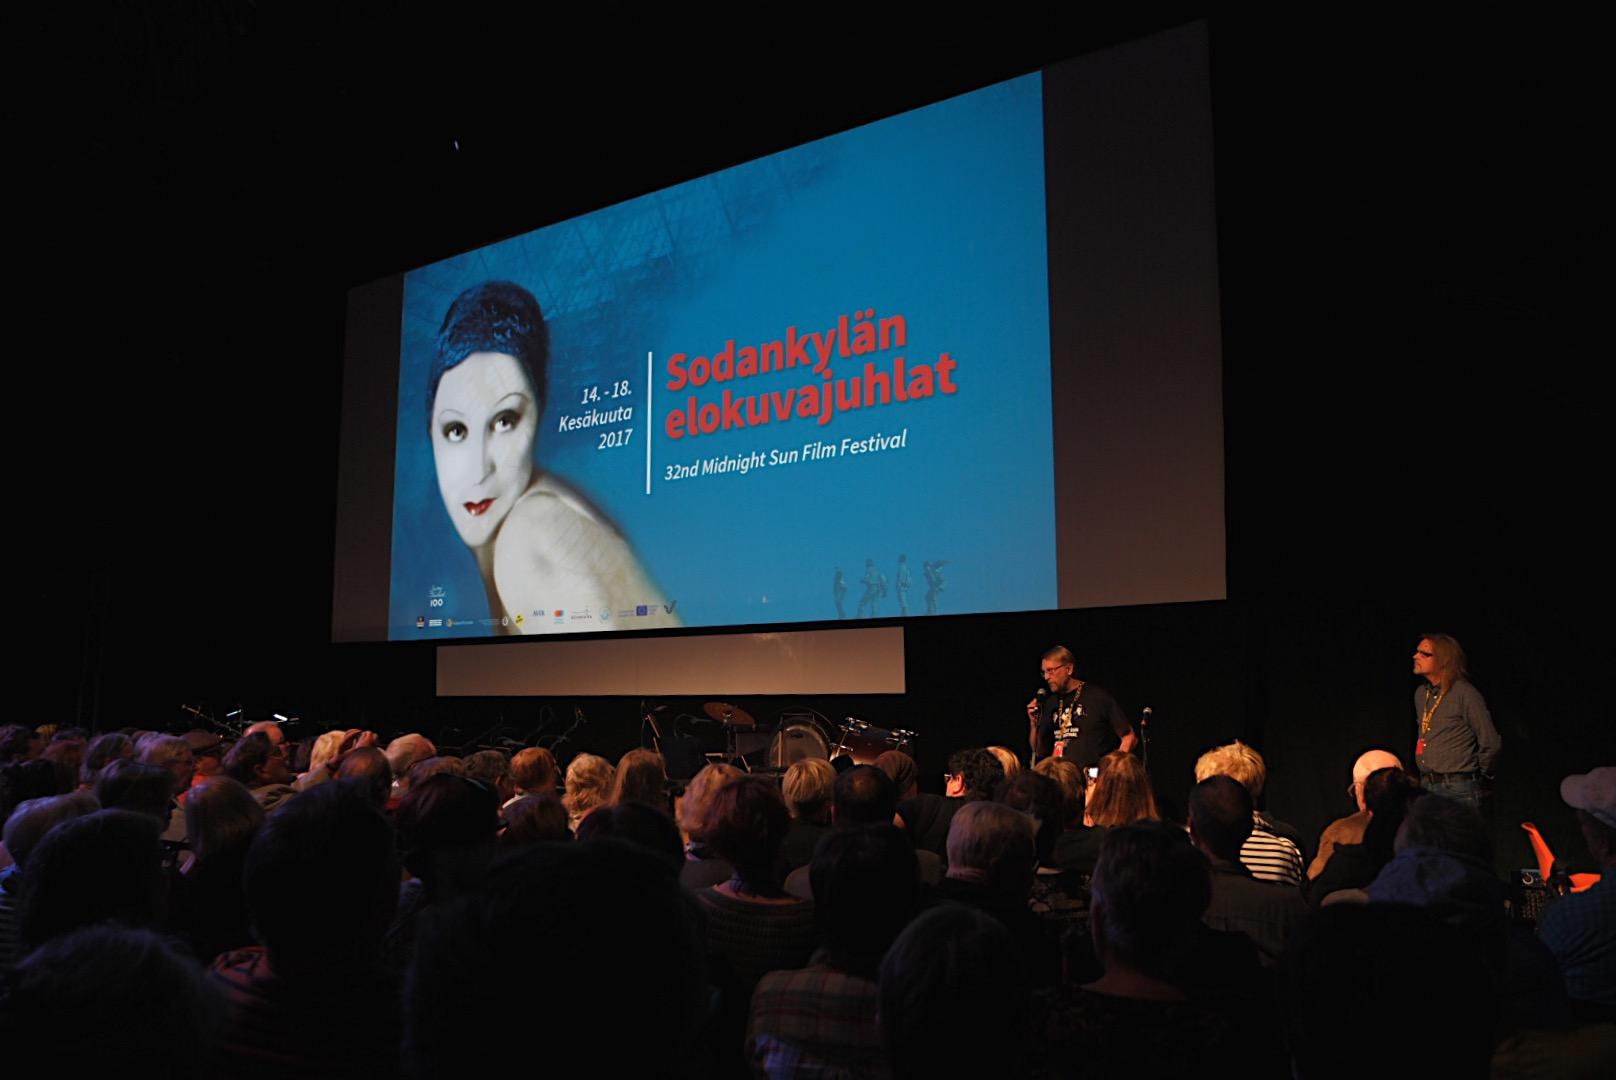 sodankylän-elokuvajuhlat-2.JPG